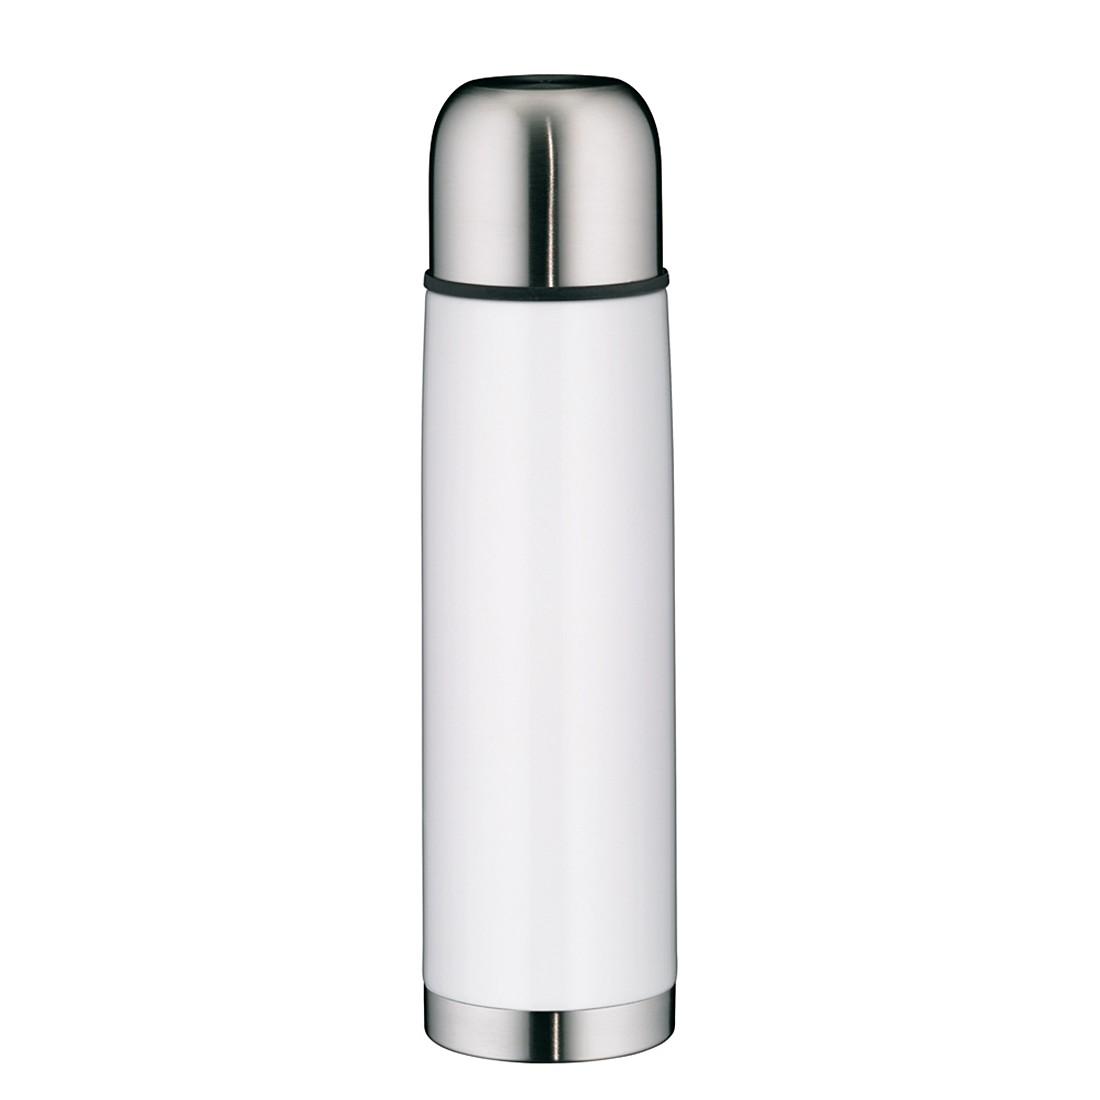 Isolierflasche isoTherm Eco – Weiß, Alfi jetzt bestellen